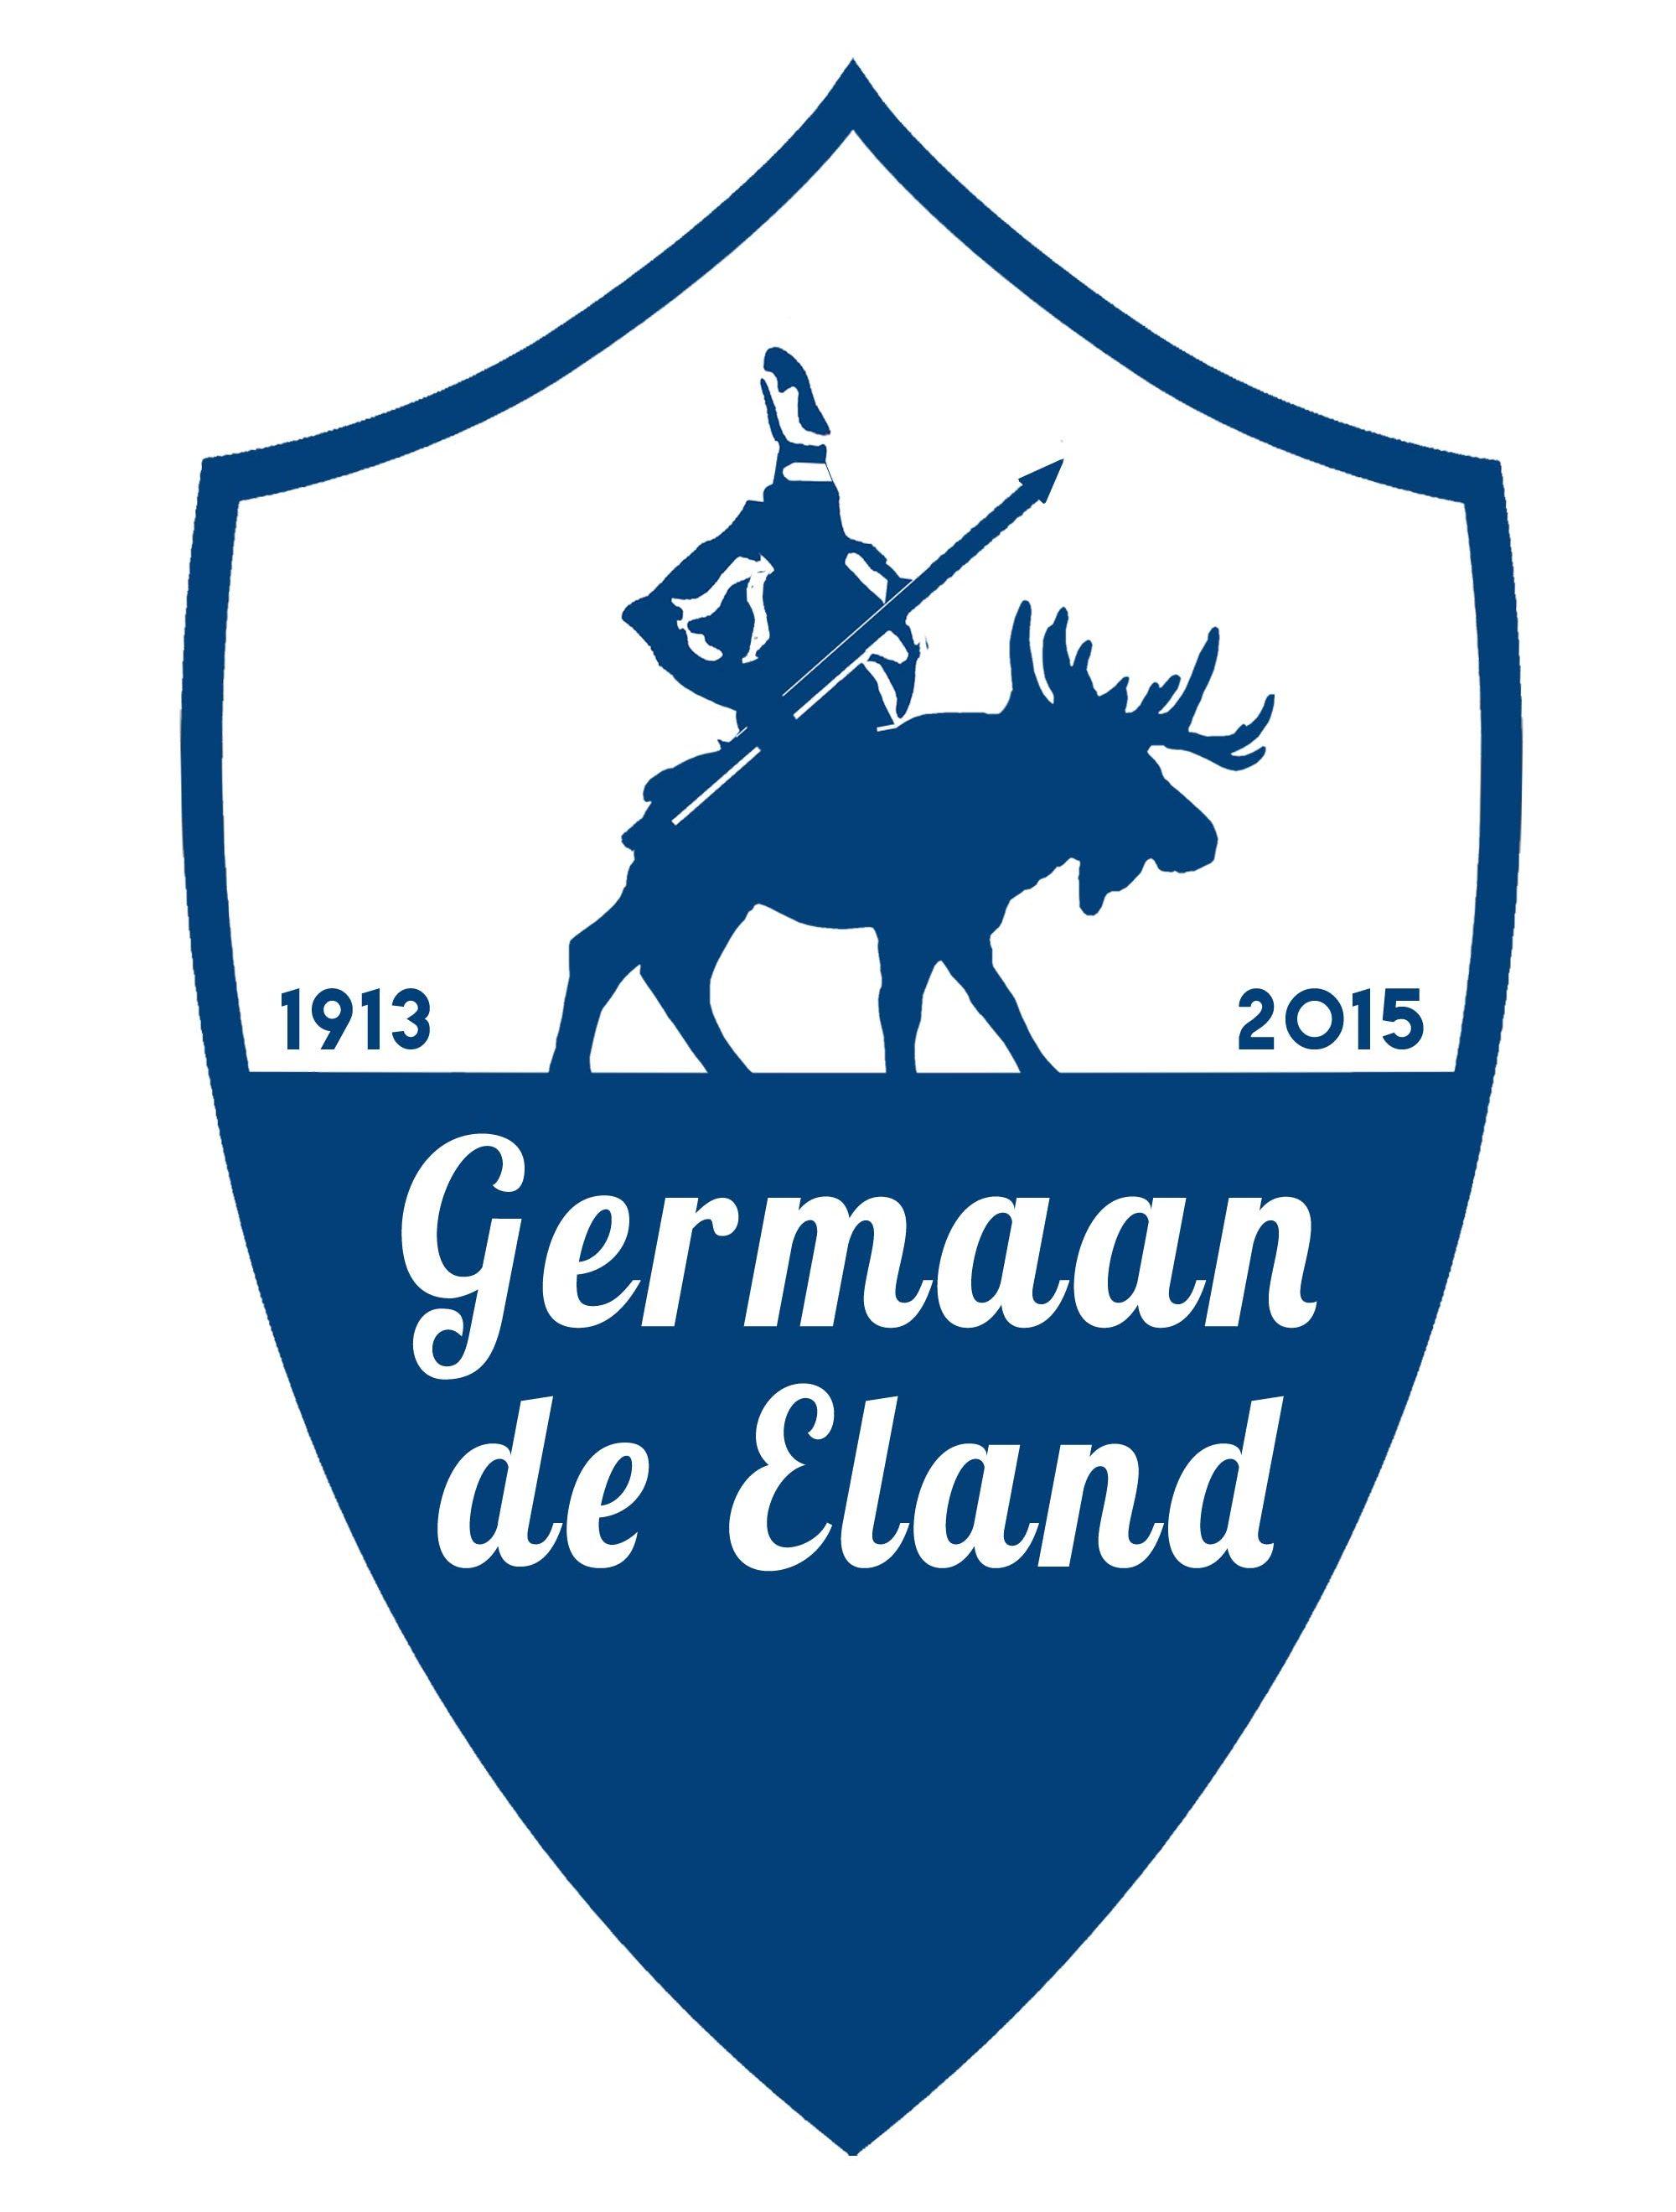 Germaan / de Eland